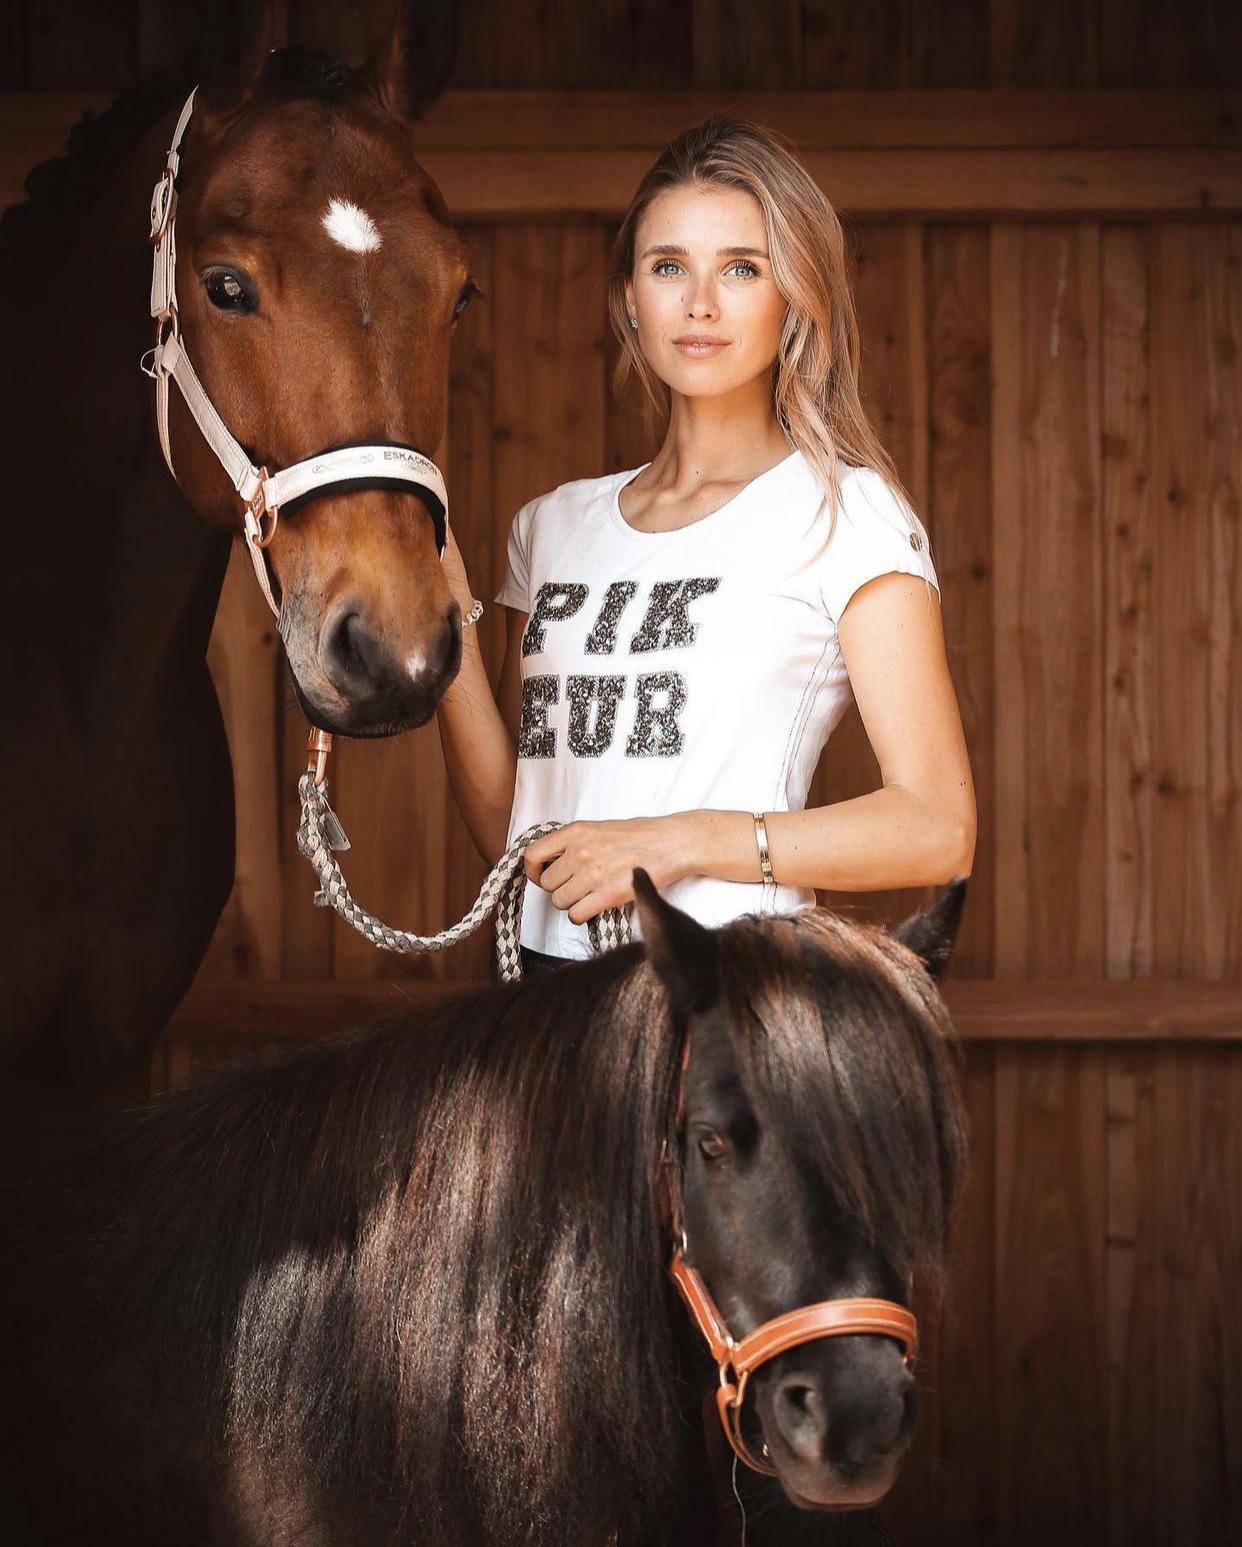 Скарлетт Гартманн — безумная фанатка лошадей и супруга капитана дортмундской «Боруссии» Марко Ройса